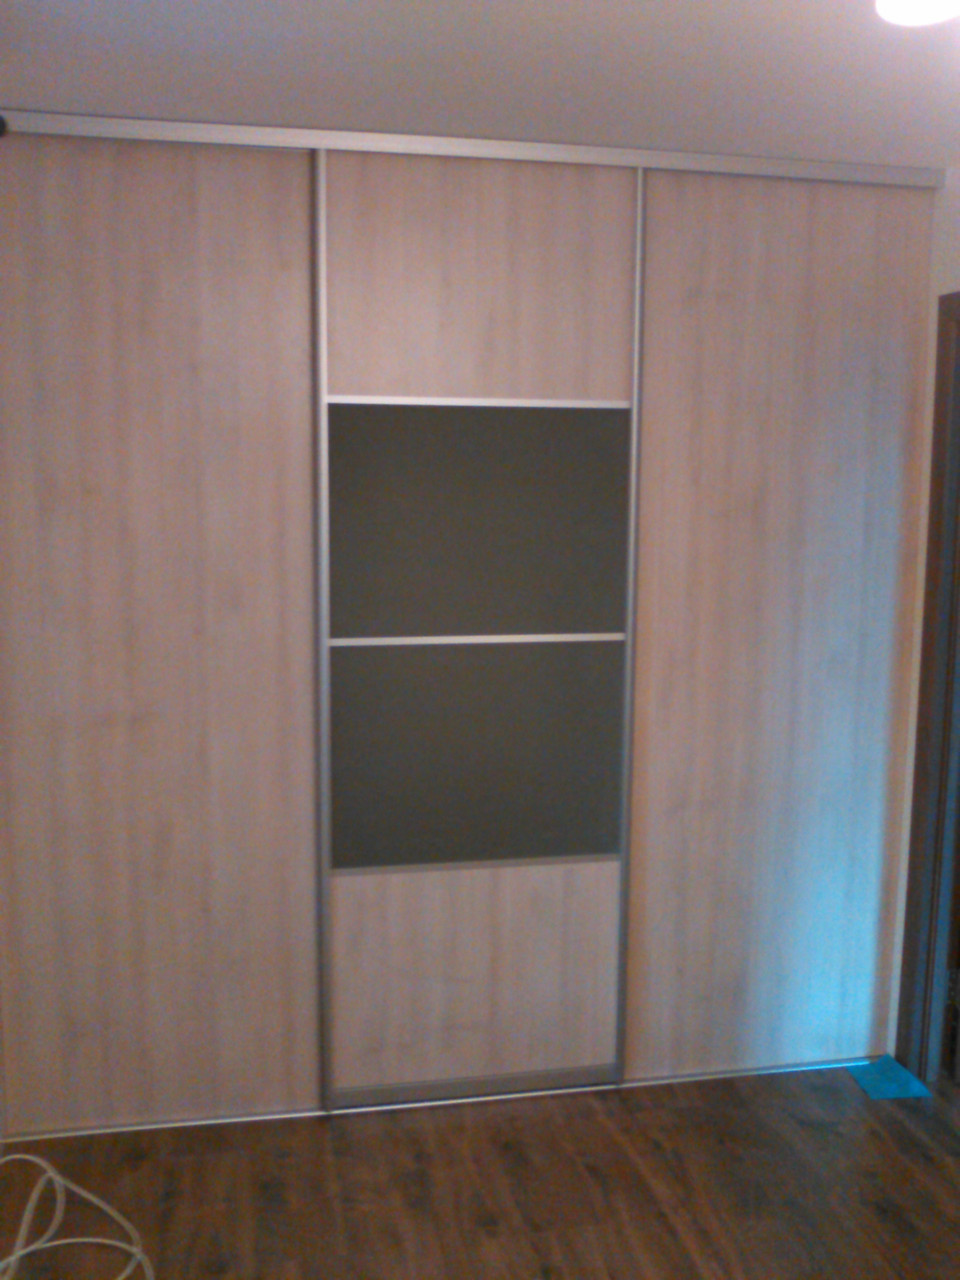 Шкаф-гардероб с комбинированой раздвижной системойи